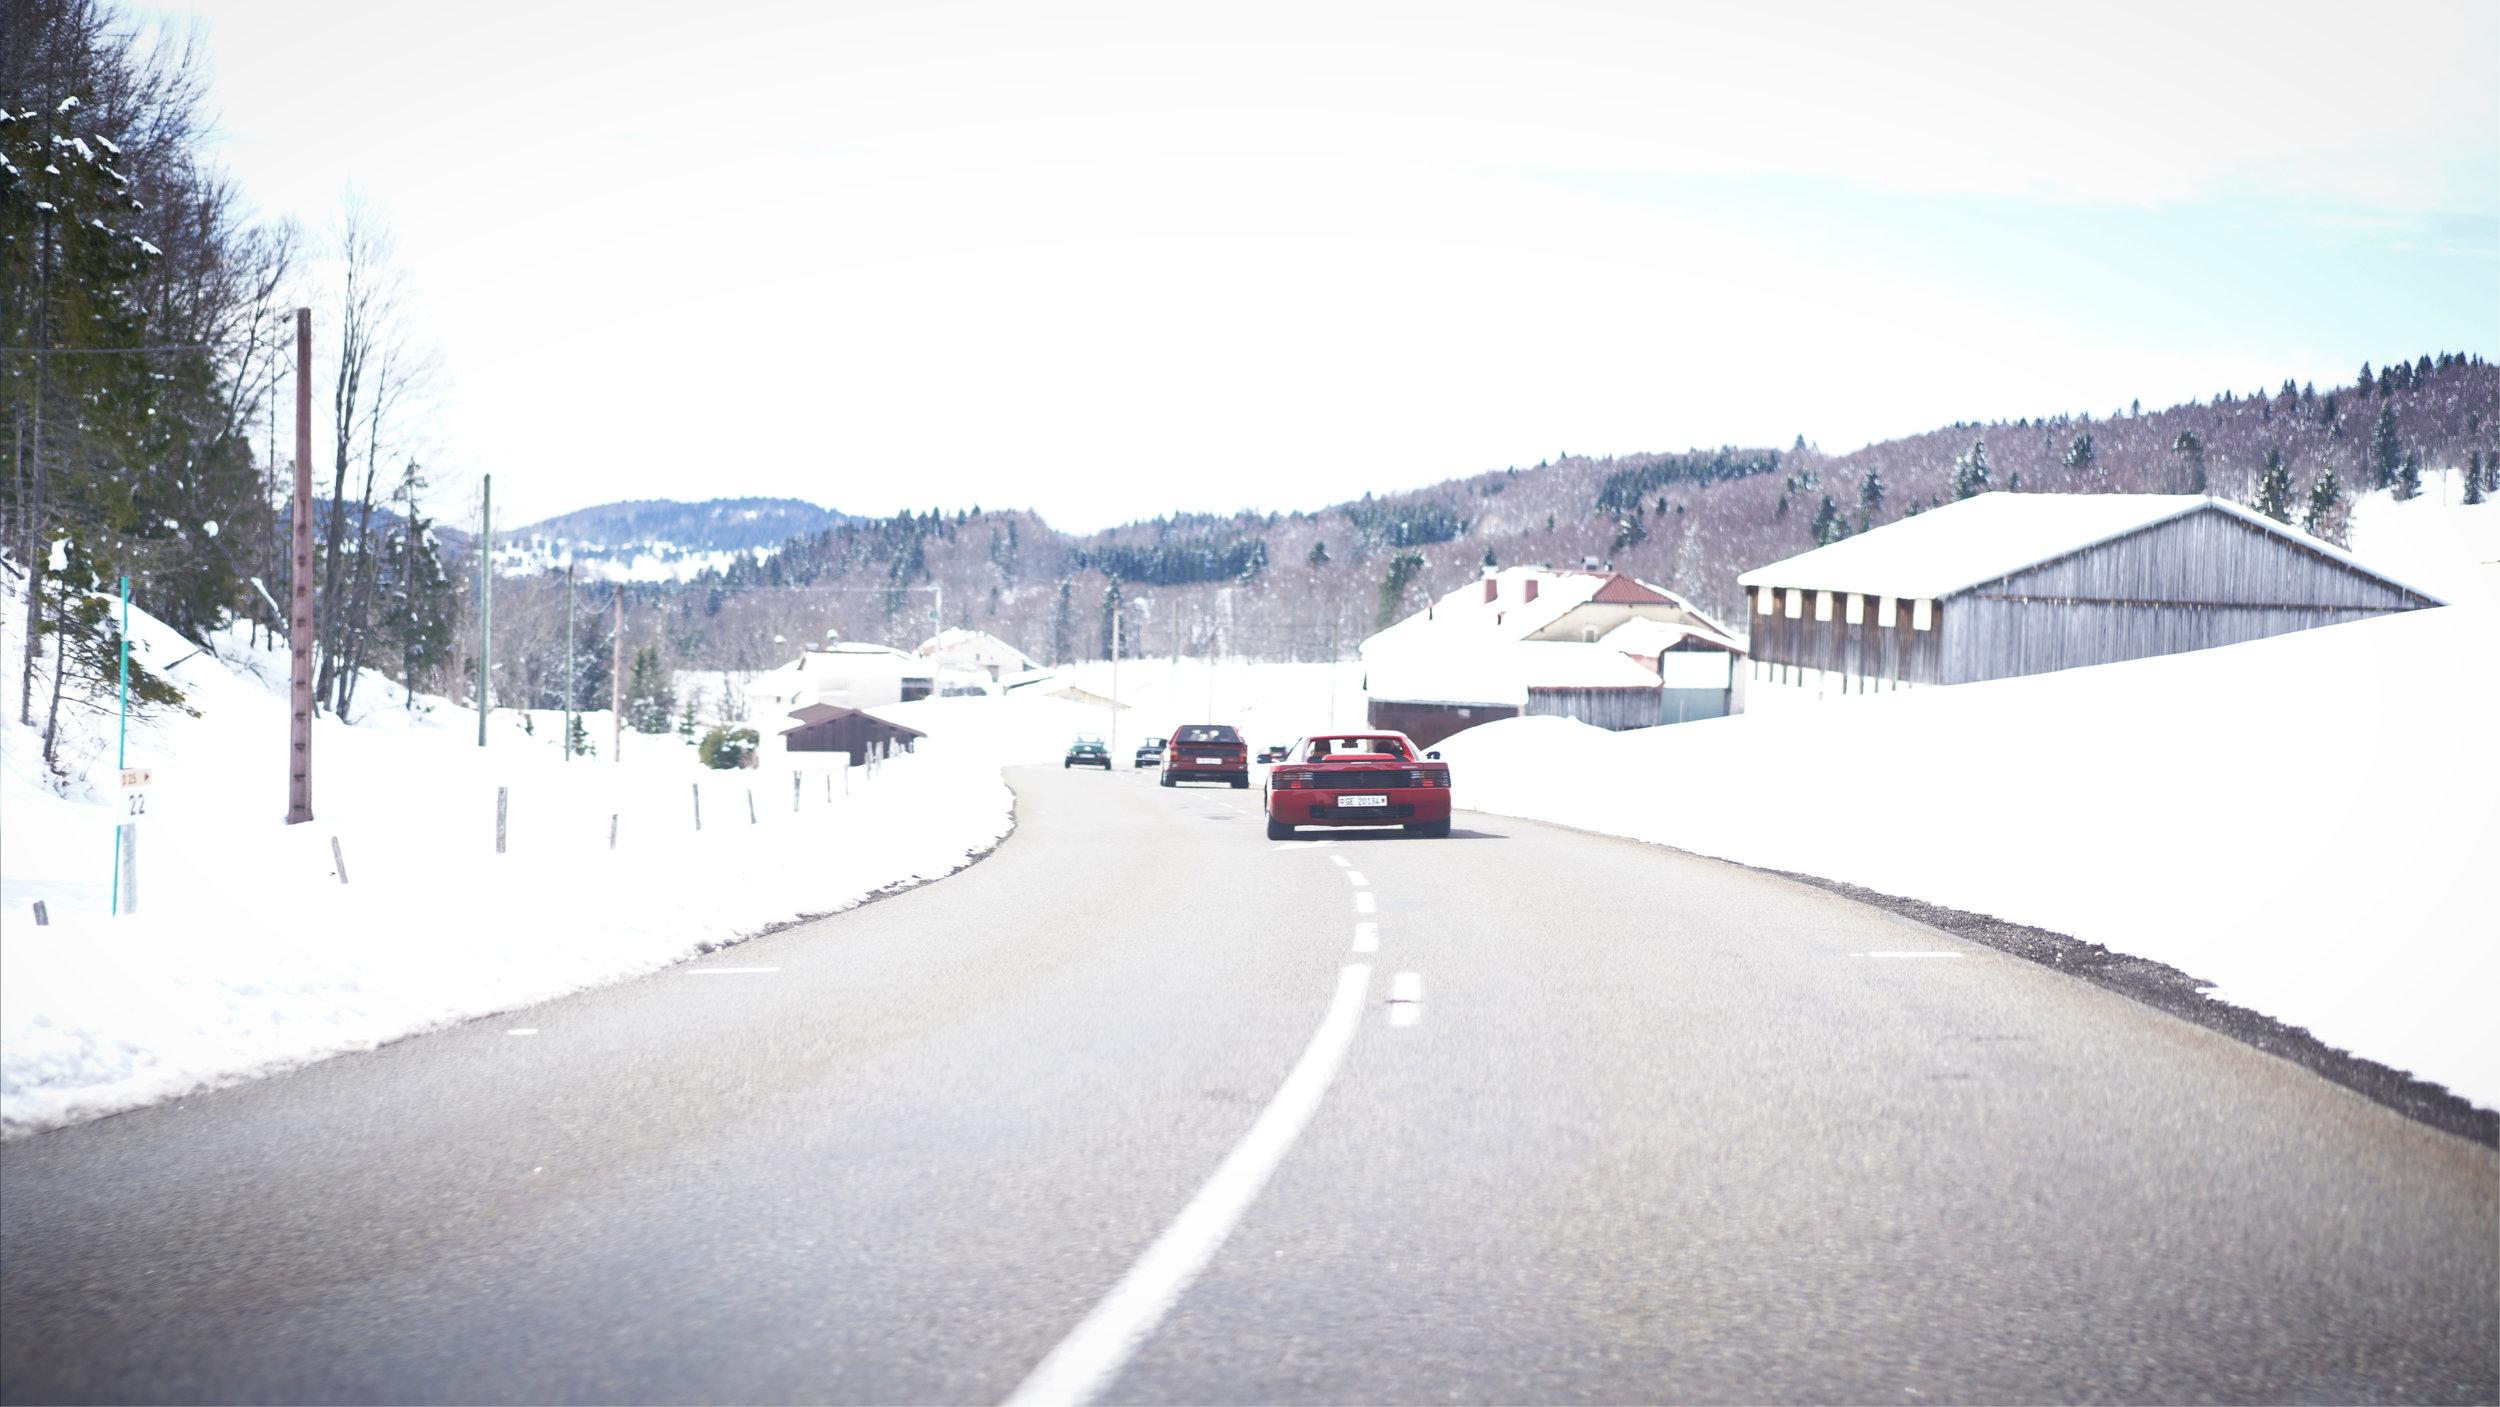 ACG_Rallye2019_15.jpg